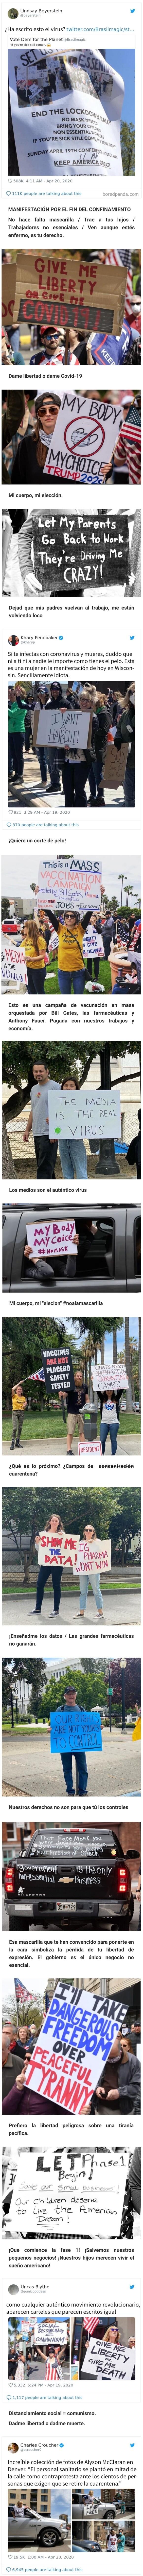 """13687 - Personas no muy listas protestando contra la cuarentena con """"interesantes"""" carteles"""